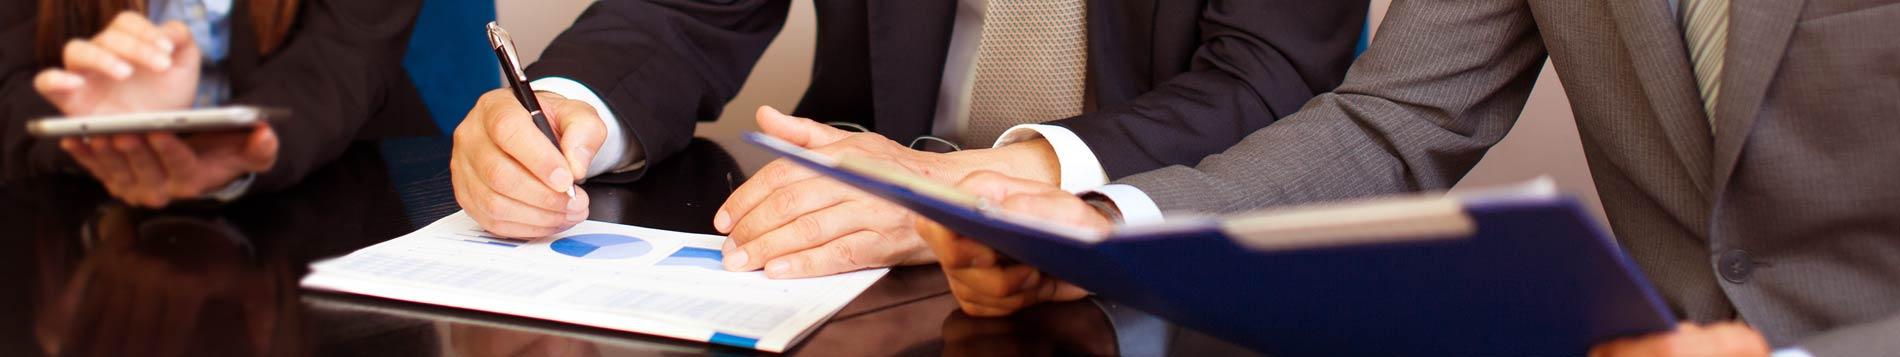 consulenza legale avvocato torino